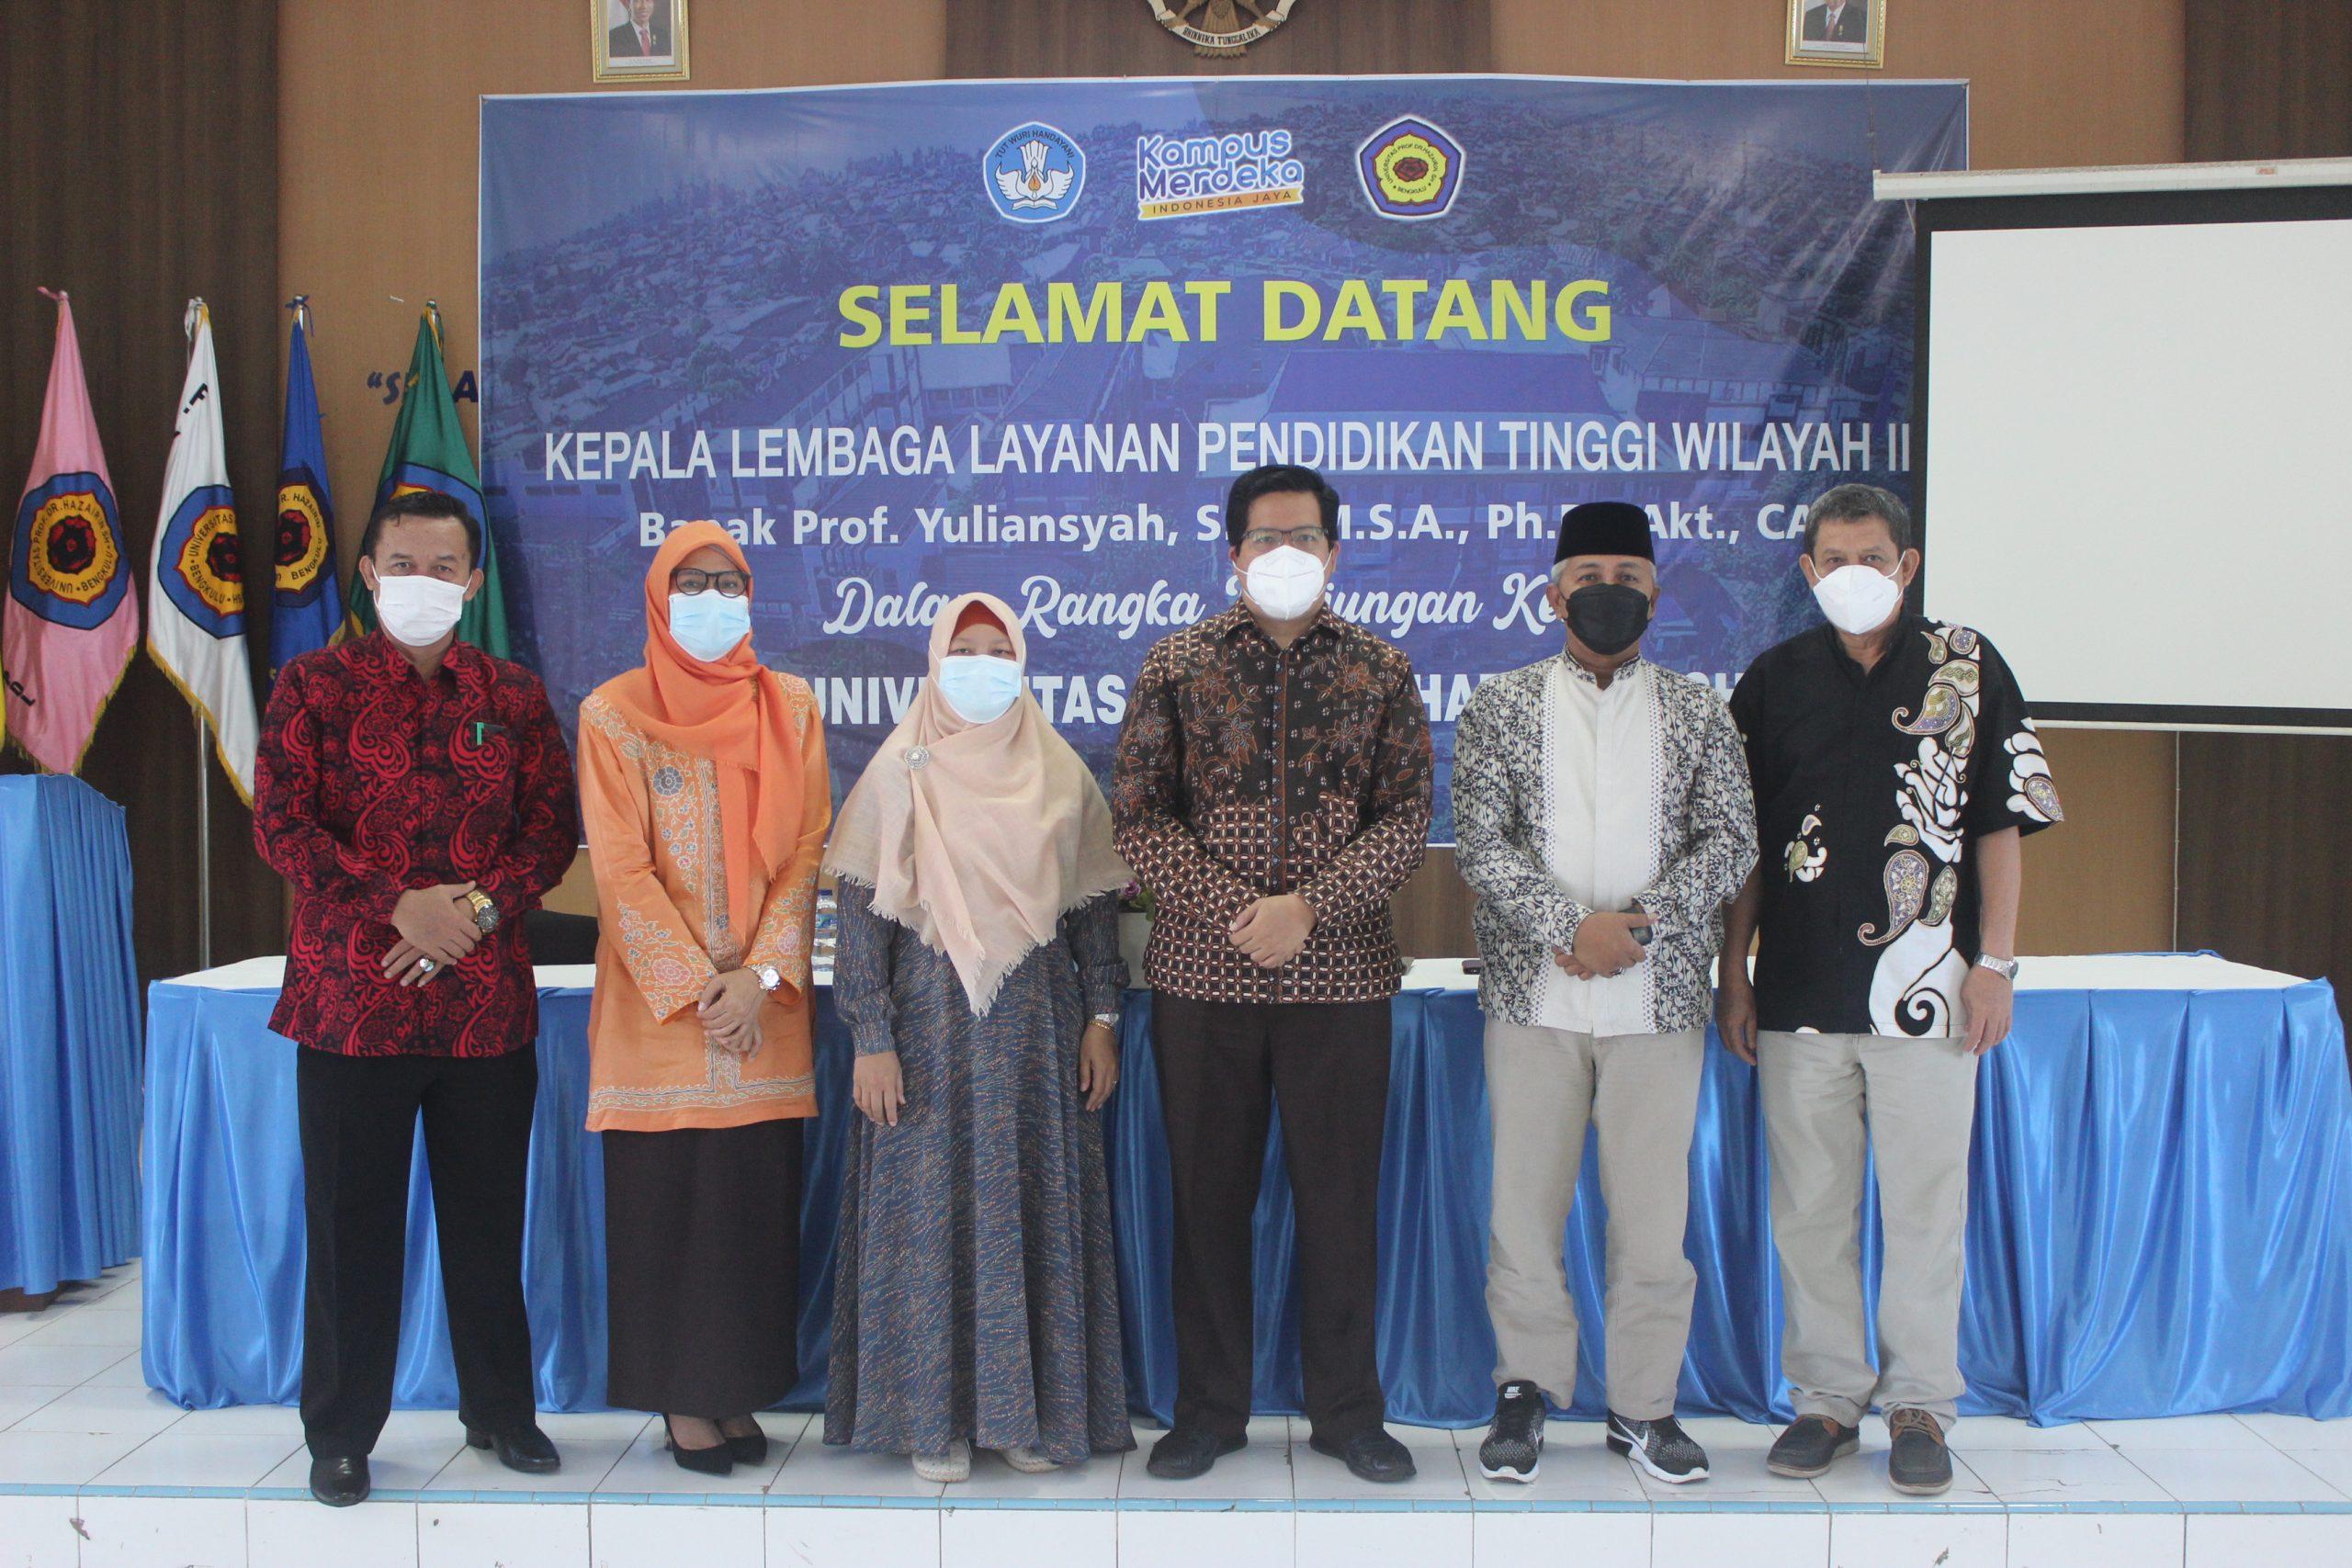 Kunjungan Kerja Kepala Lembaga Layanan Pendidikan Tinggi Wilayah II ke Universitas Prof. Dr. Hazairin, SH